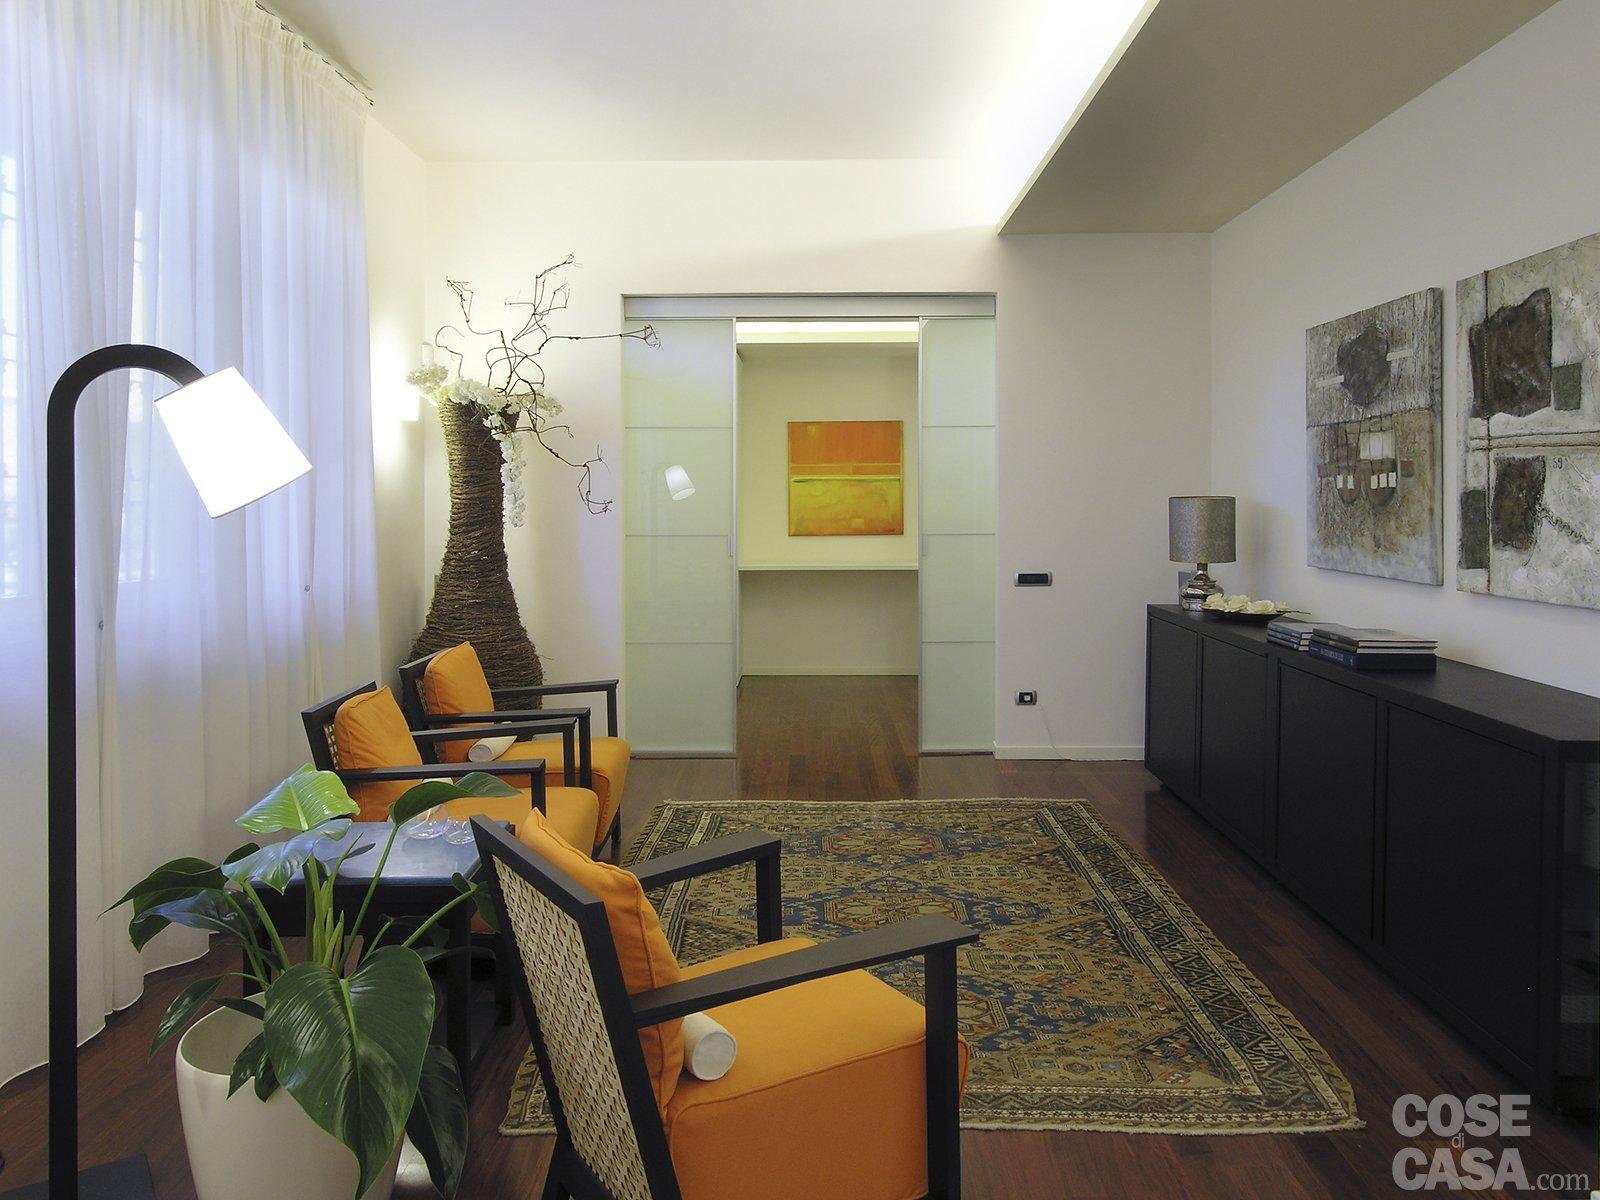 una casa con tante idee da copiare - cose di casa - Lusso Angolo Divano Nel Soggiorno Camera Design Con Parete Di Vetro